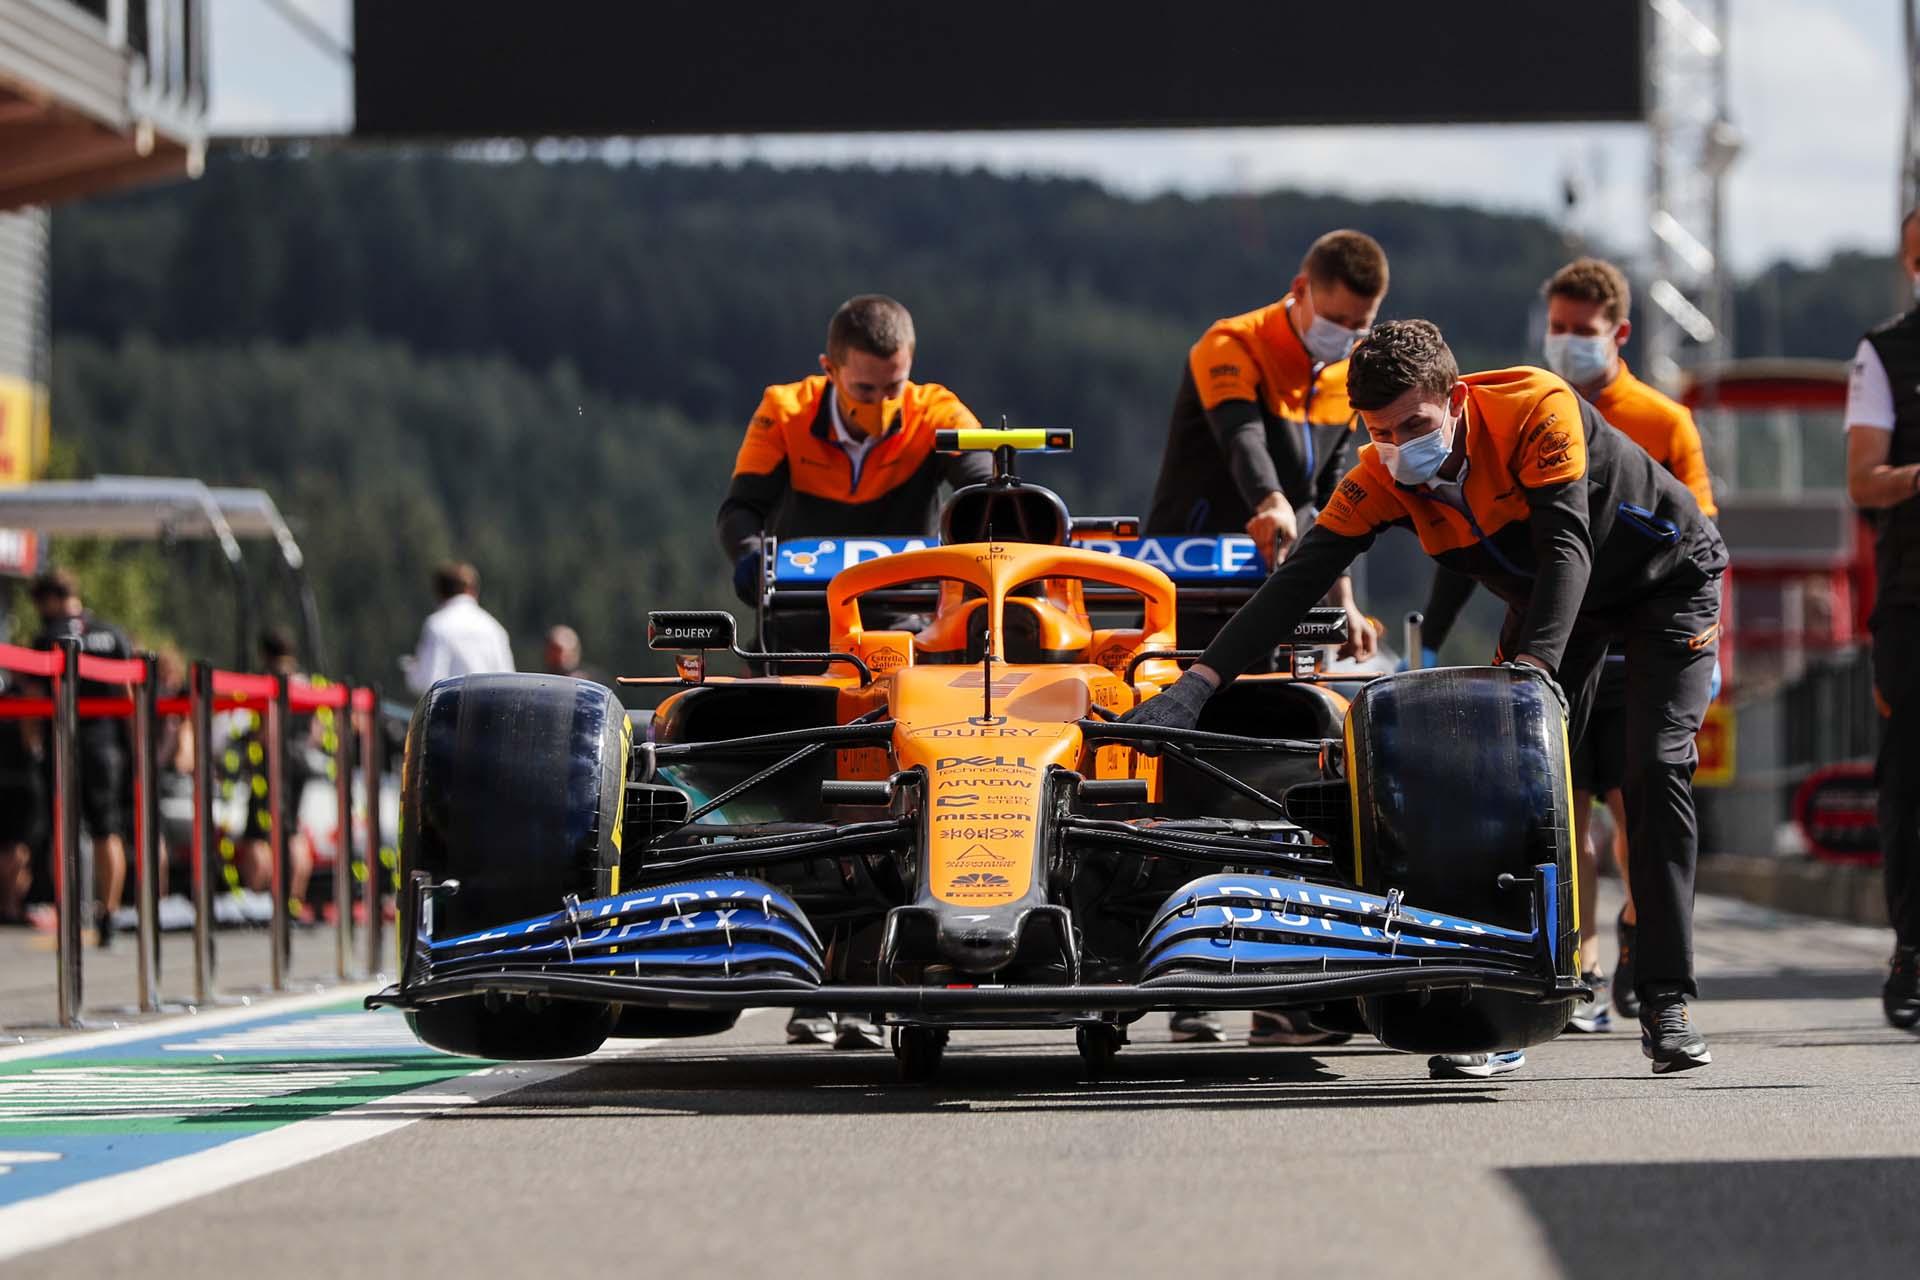 2020BelgianGPFriday_McLaren_2020BelgianGPFridayGP2007_132337_2ST9797